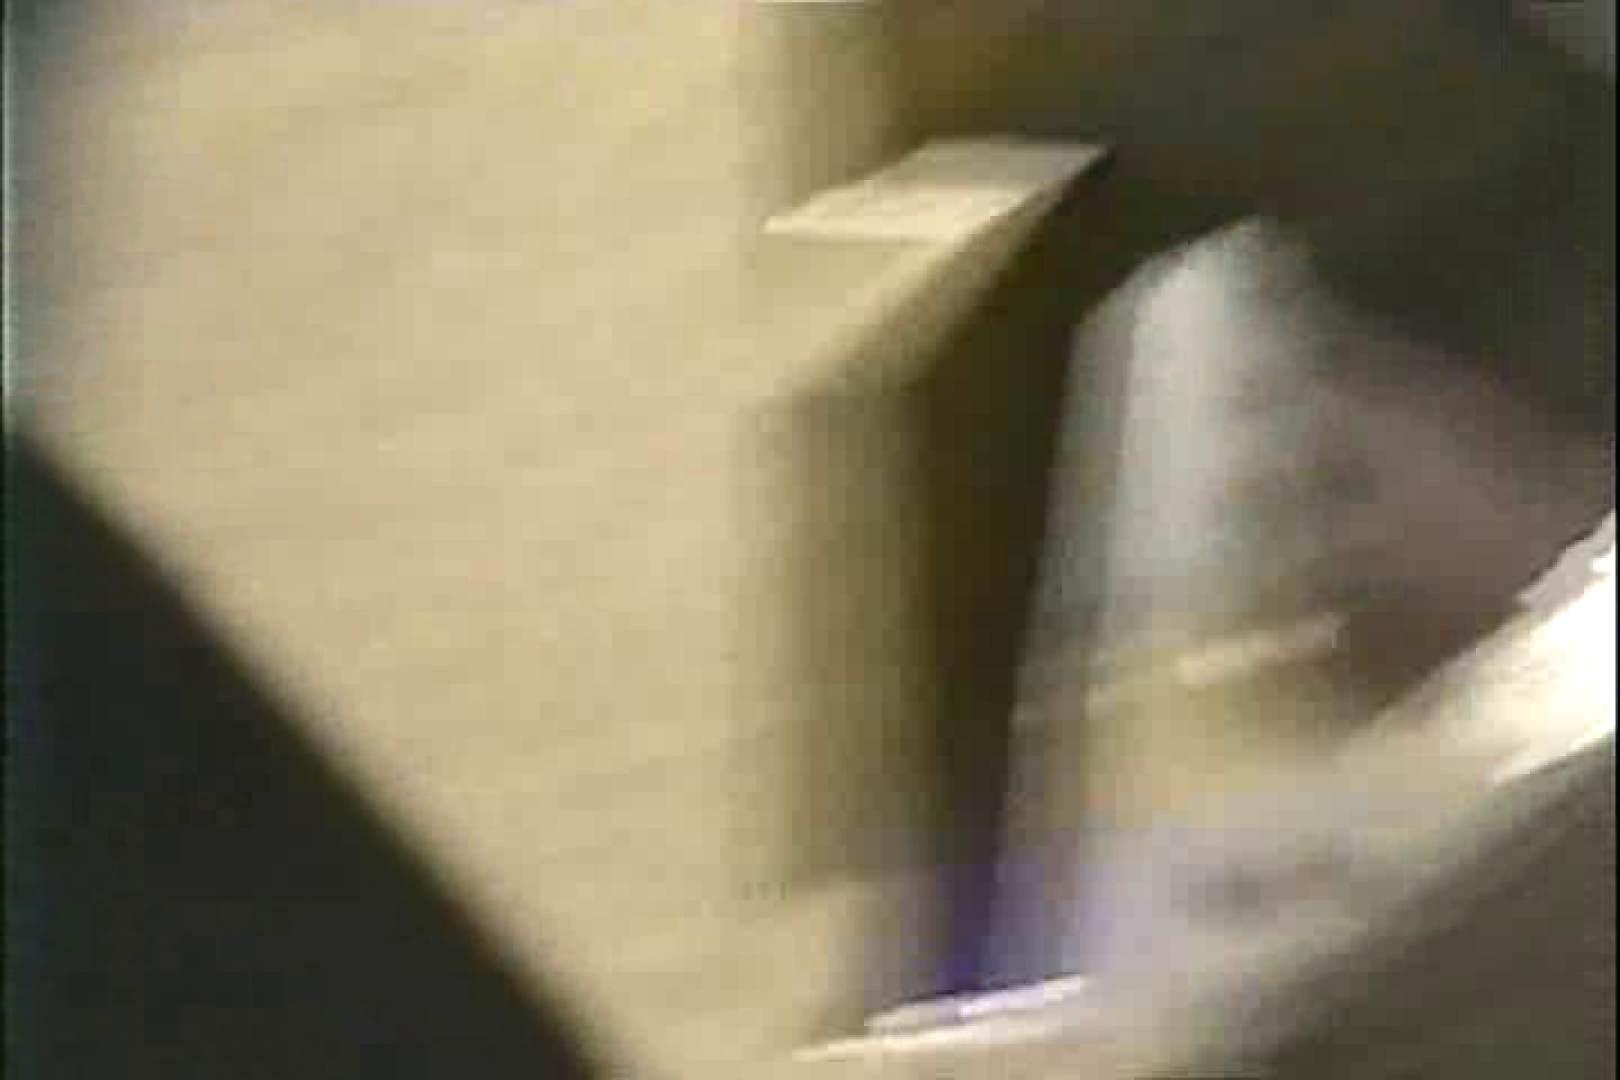 「ちくりん」さんのオリジナル未編集パンチラVol.3_01 レースクイーン 盗撮おまんこ無修正動画無料 103pic 48